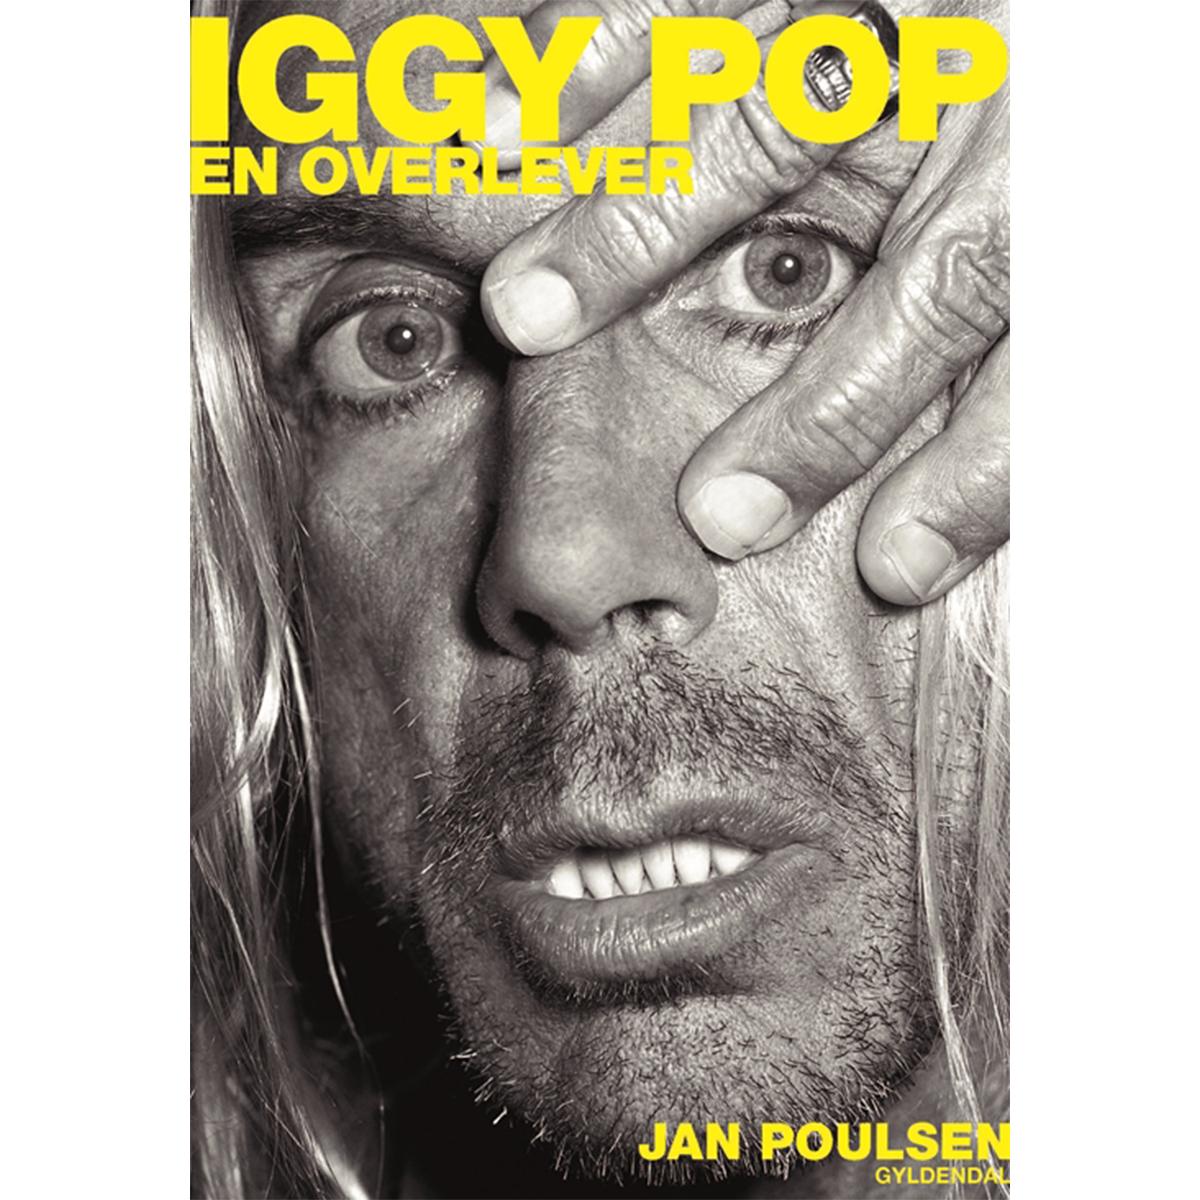 Iggy Pop - en overlever - Hæftet